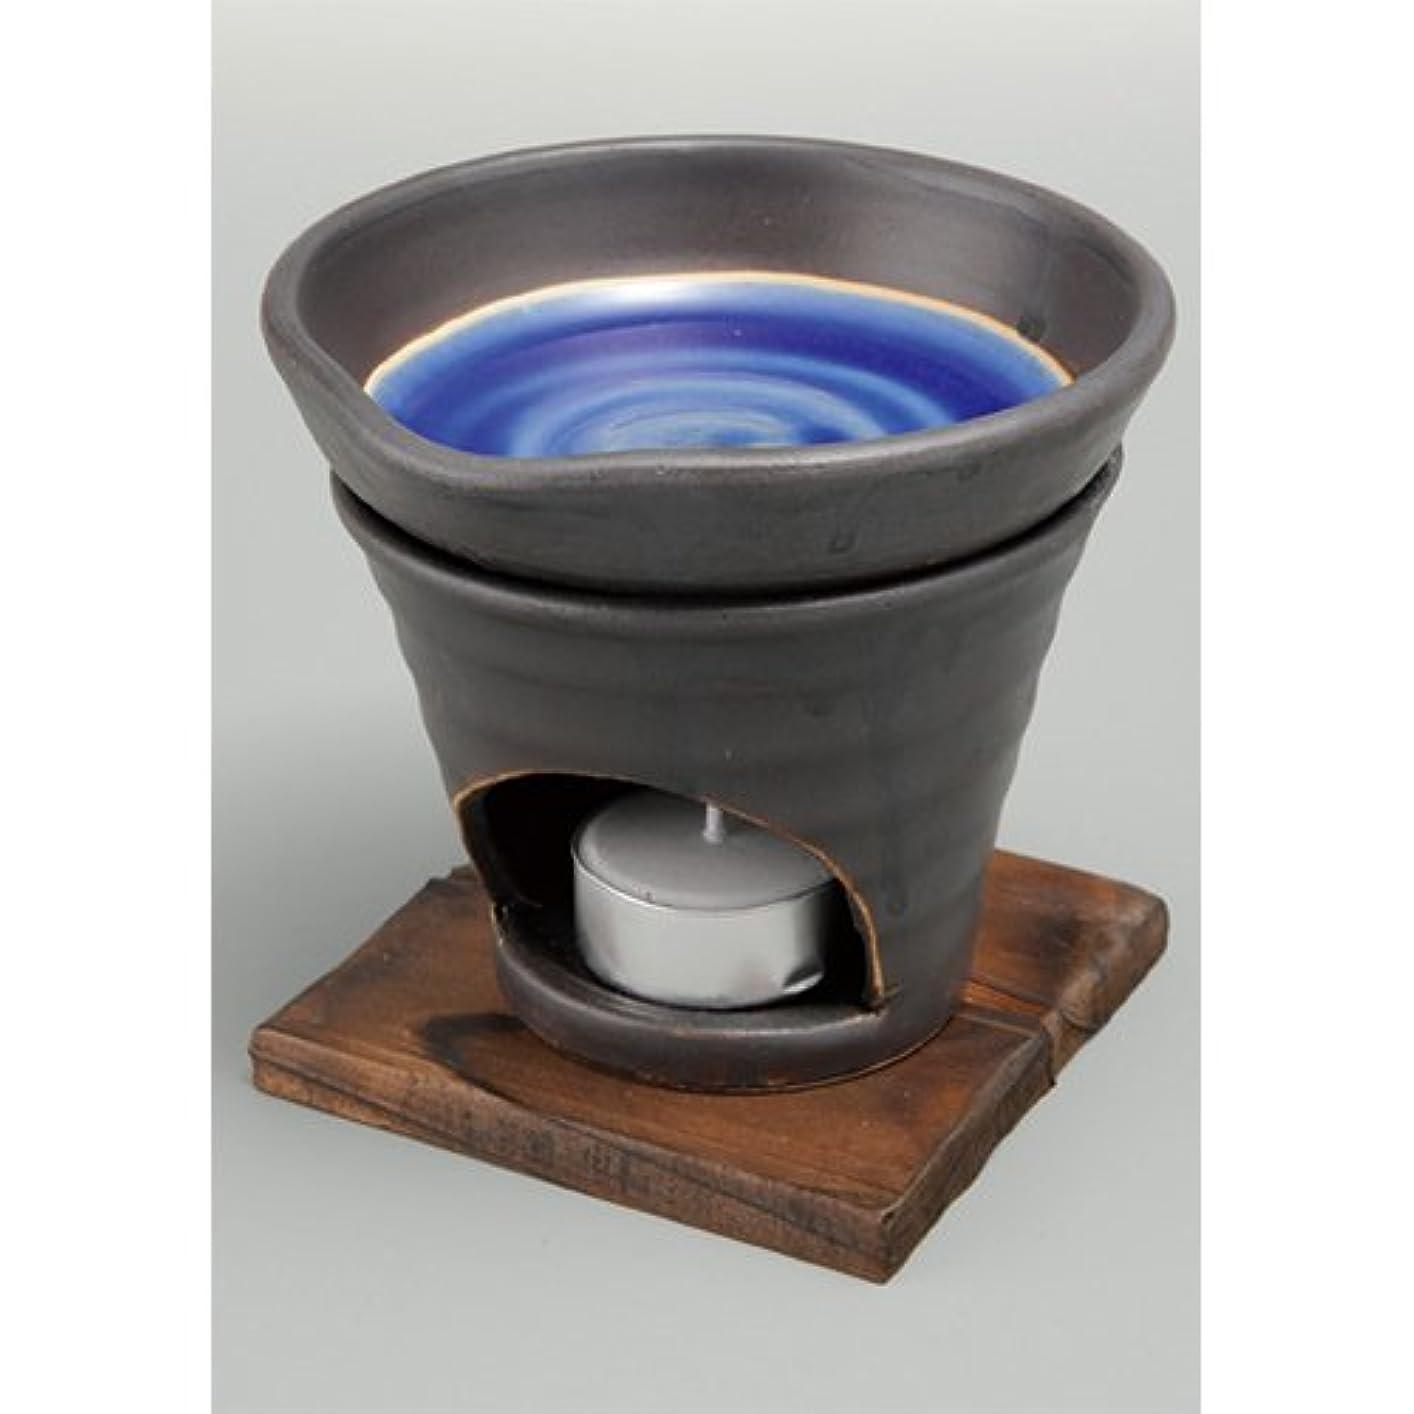 免疫原因免疫香炉 黒釉 茶香炉(青) [R11.8xH11.5cm] HANDMADE プレゼント ギフト 和食器 かわいい インテリア